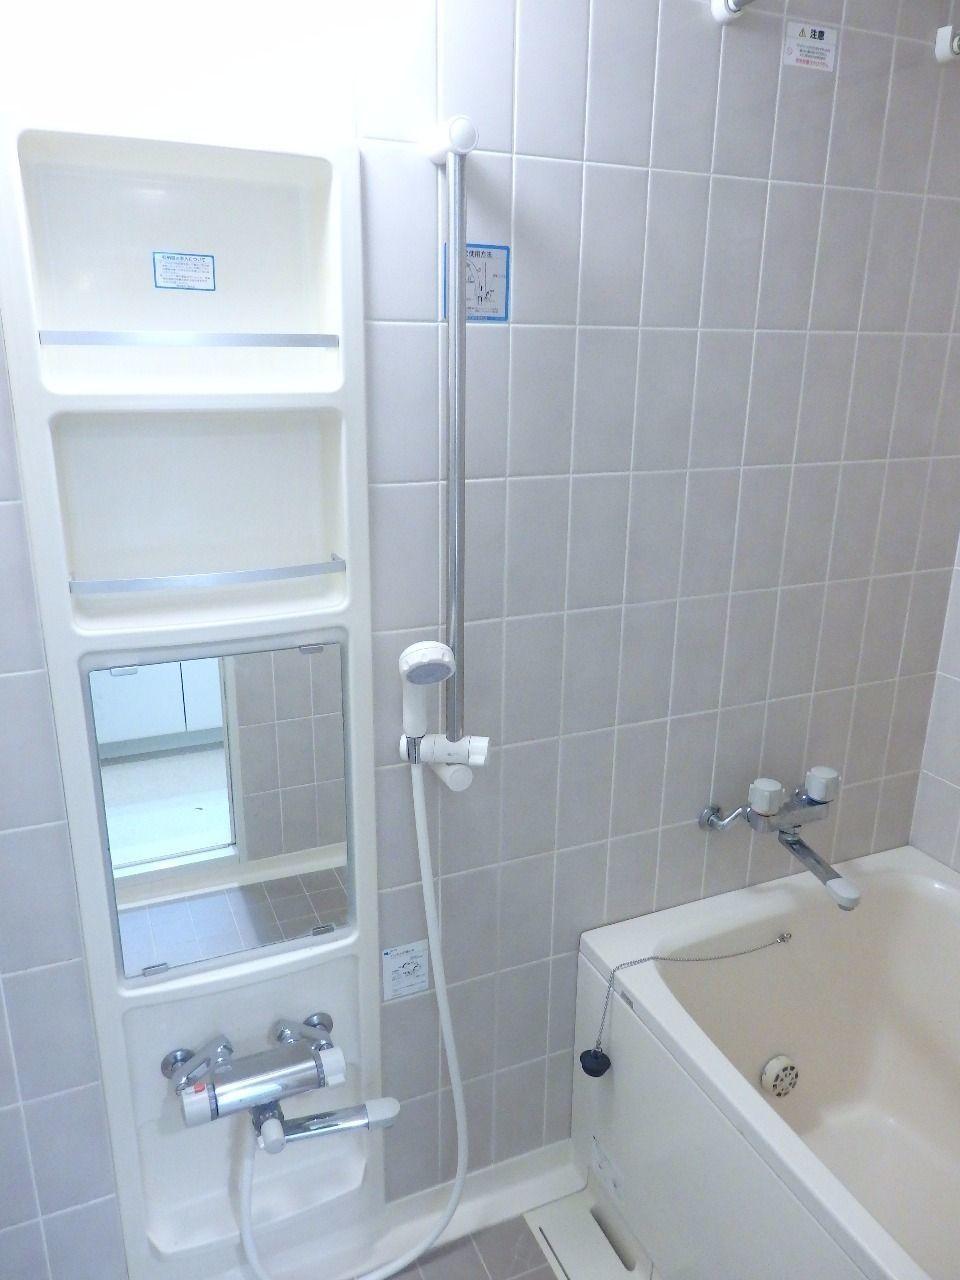 収納付鏡を設えた、意匠性高い浴室です。